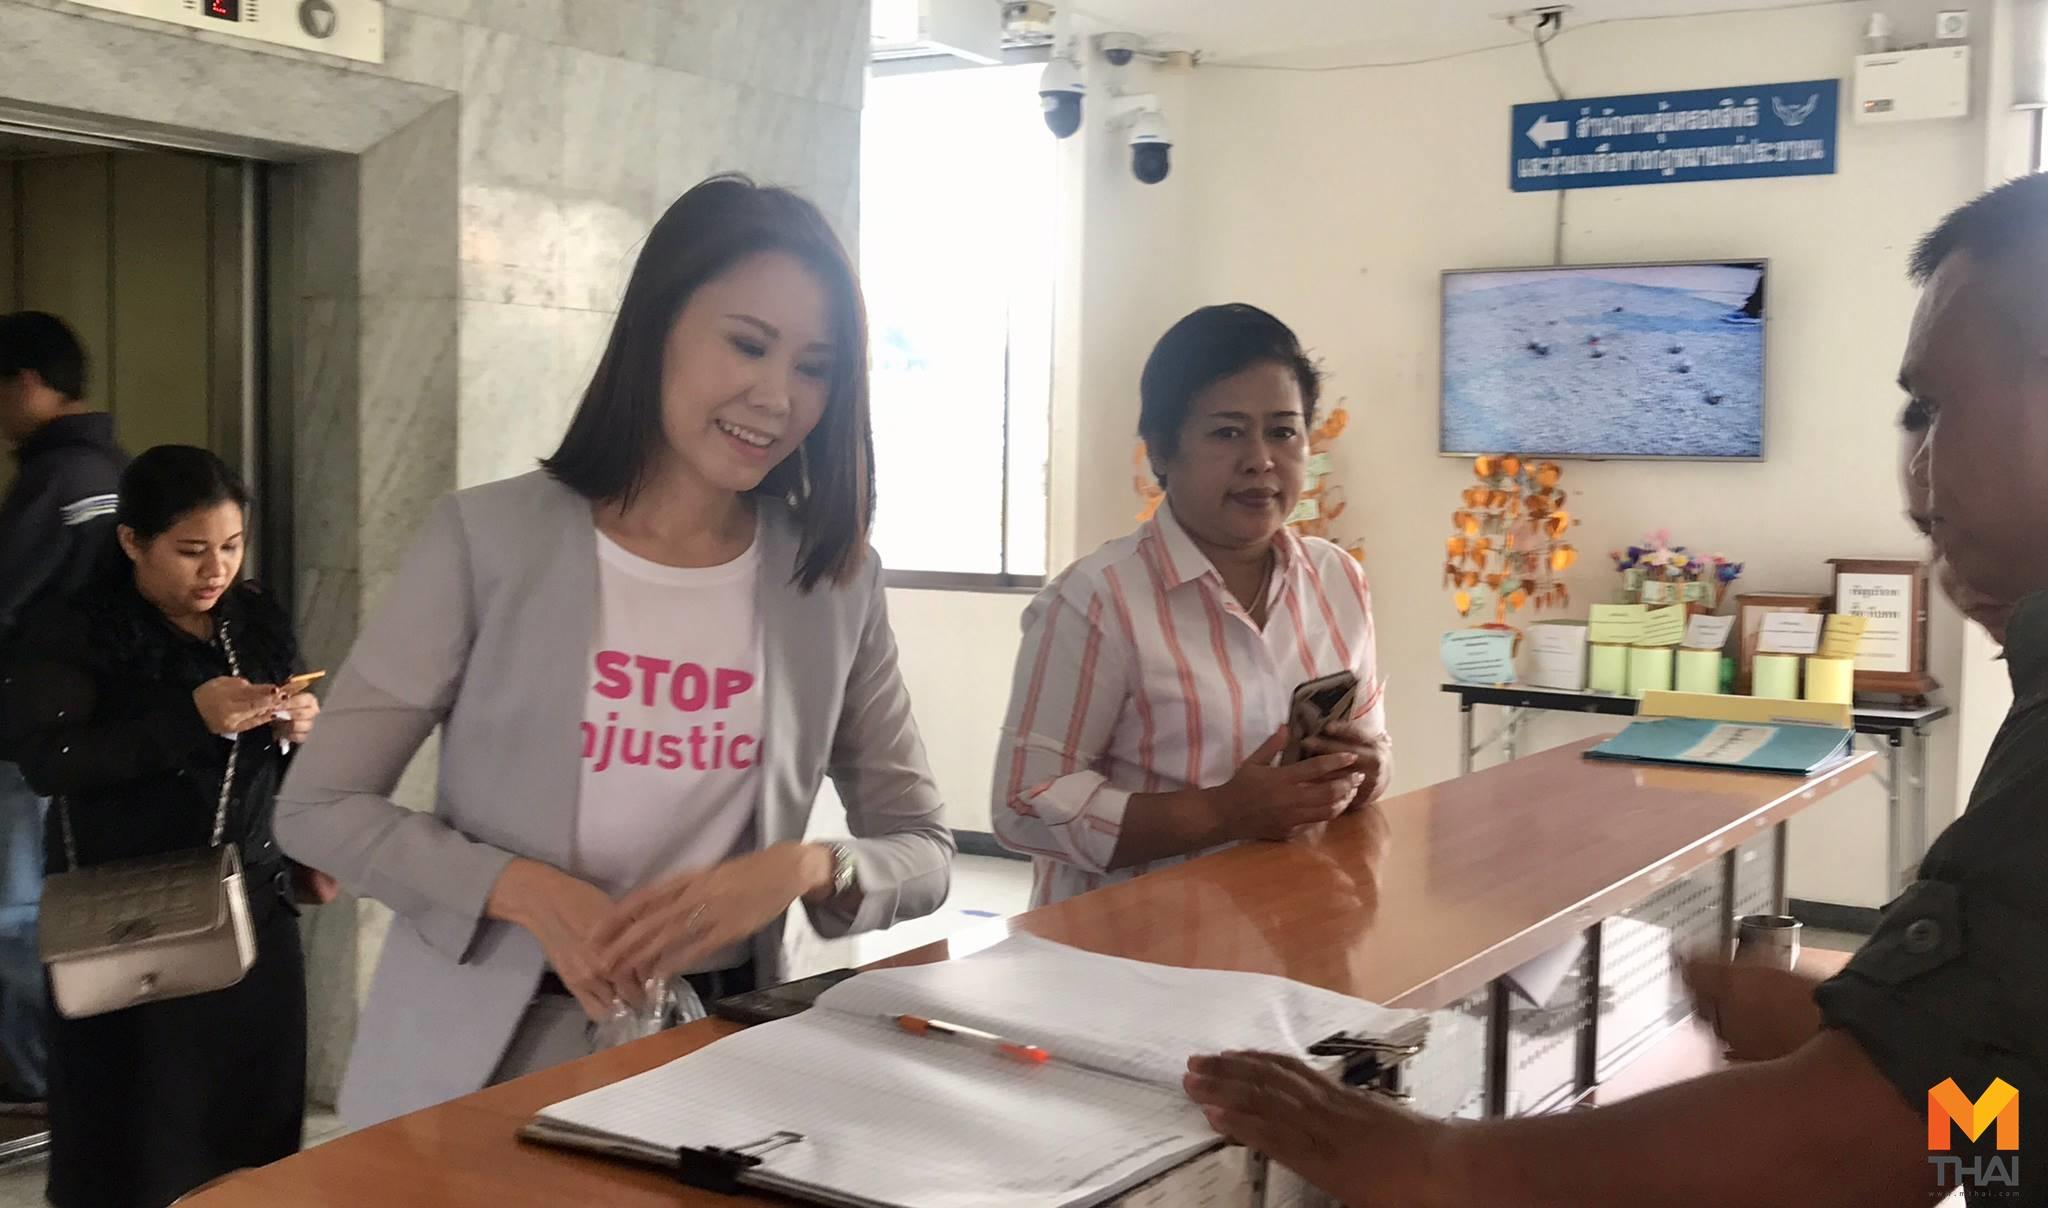 กลุ่มคนอยากเลือกตั้ง คดี UN62 ณัฏฐา มหัทธนา